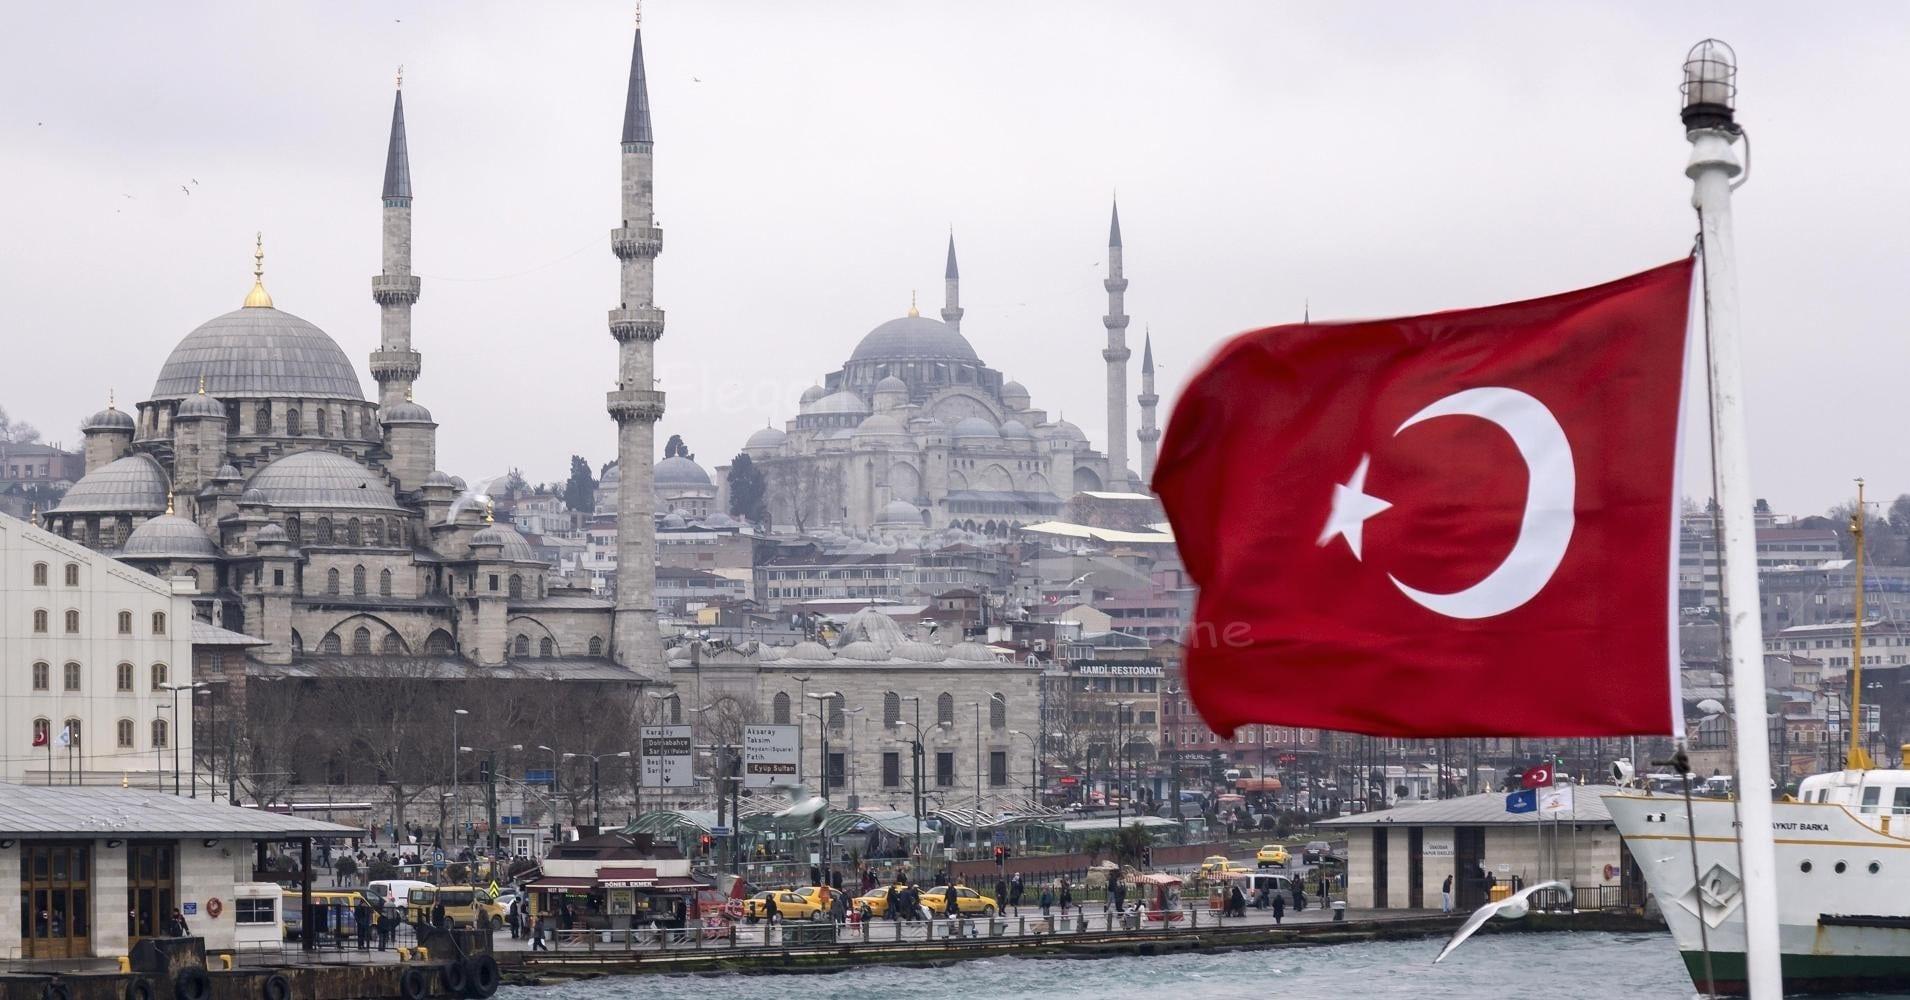 متجر موضة ستايل أول متجر عربي في تركيا